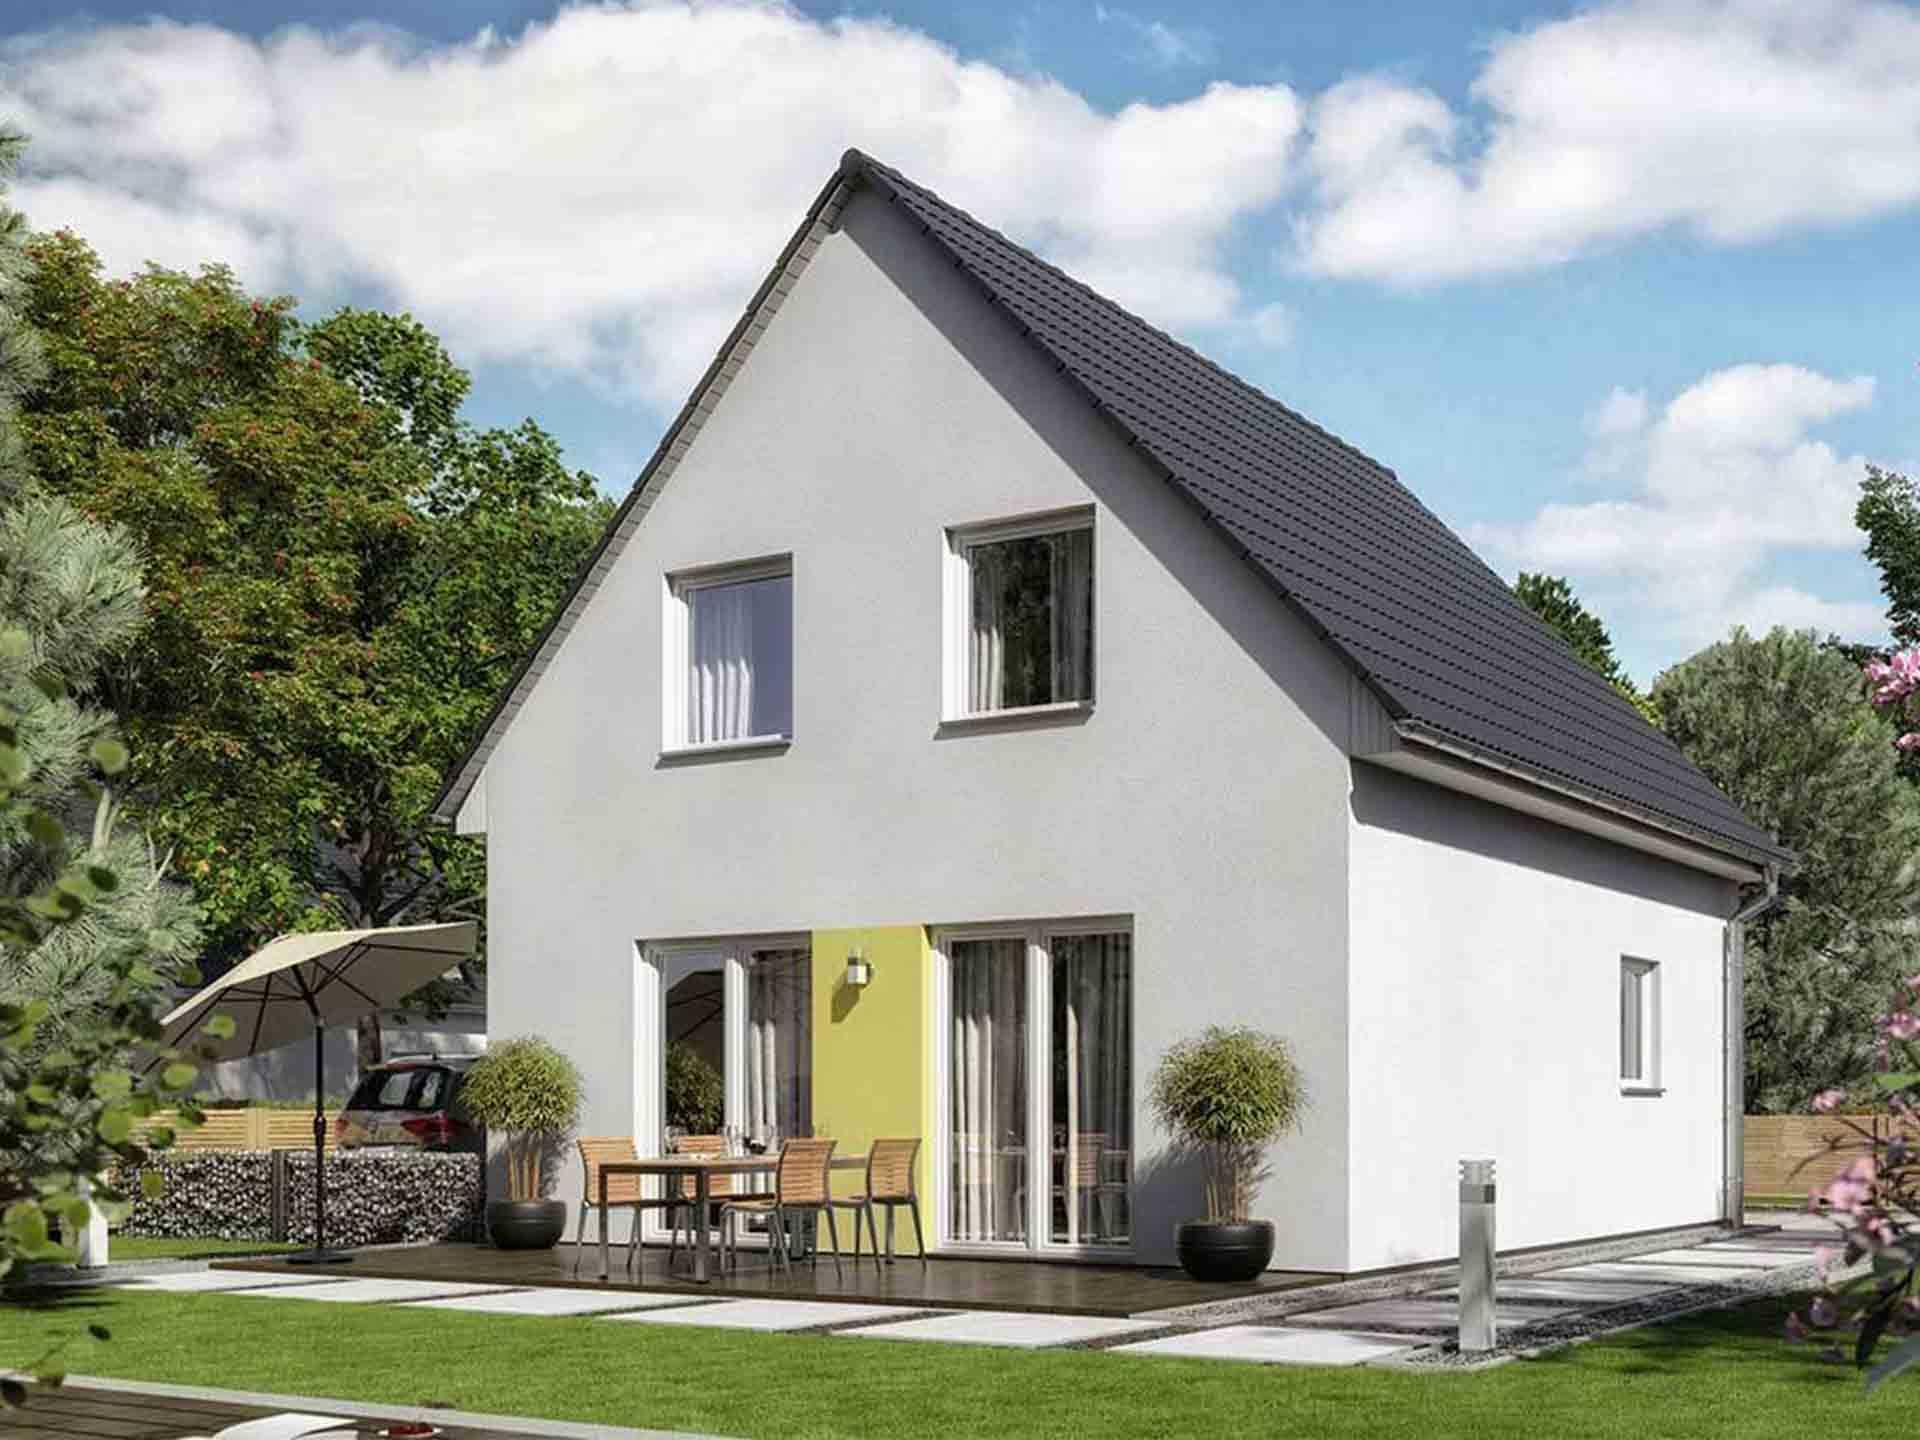 Klett Massivhaus e.K. - Town & Country Partner